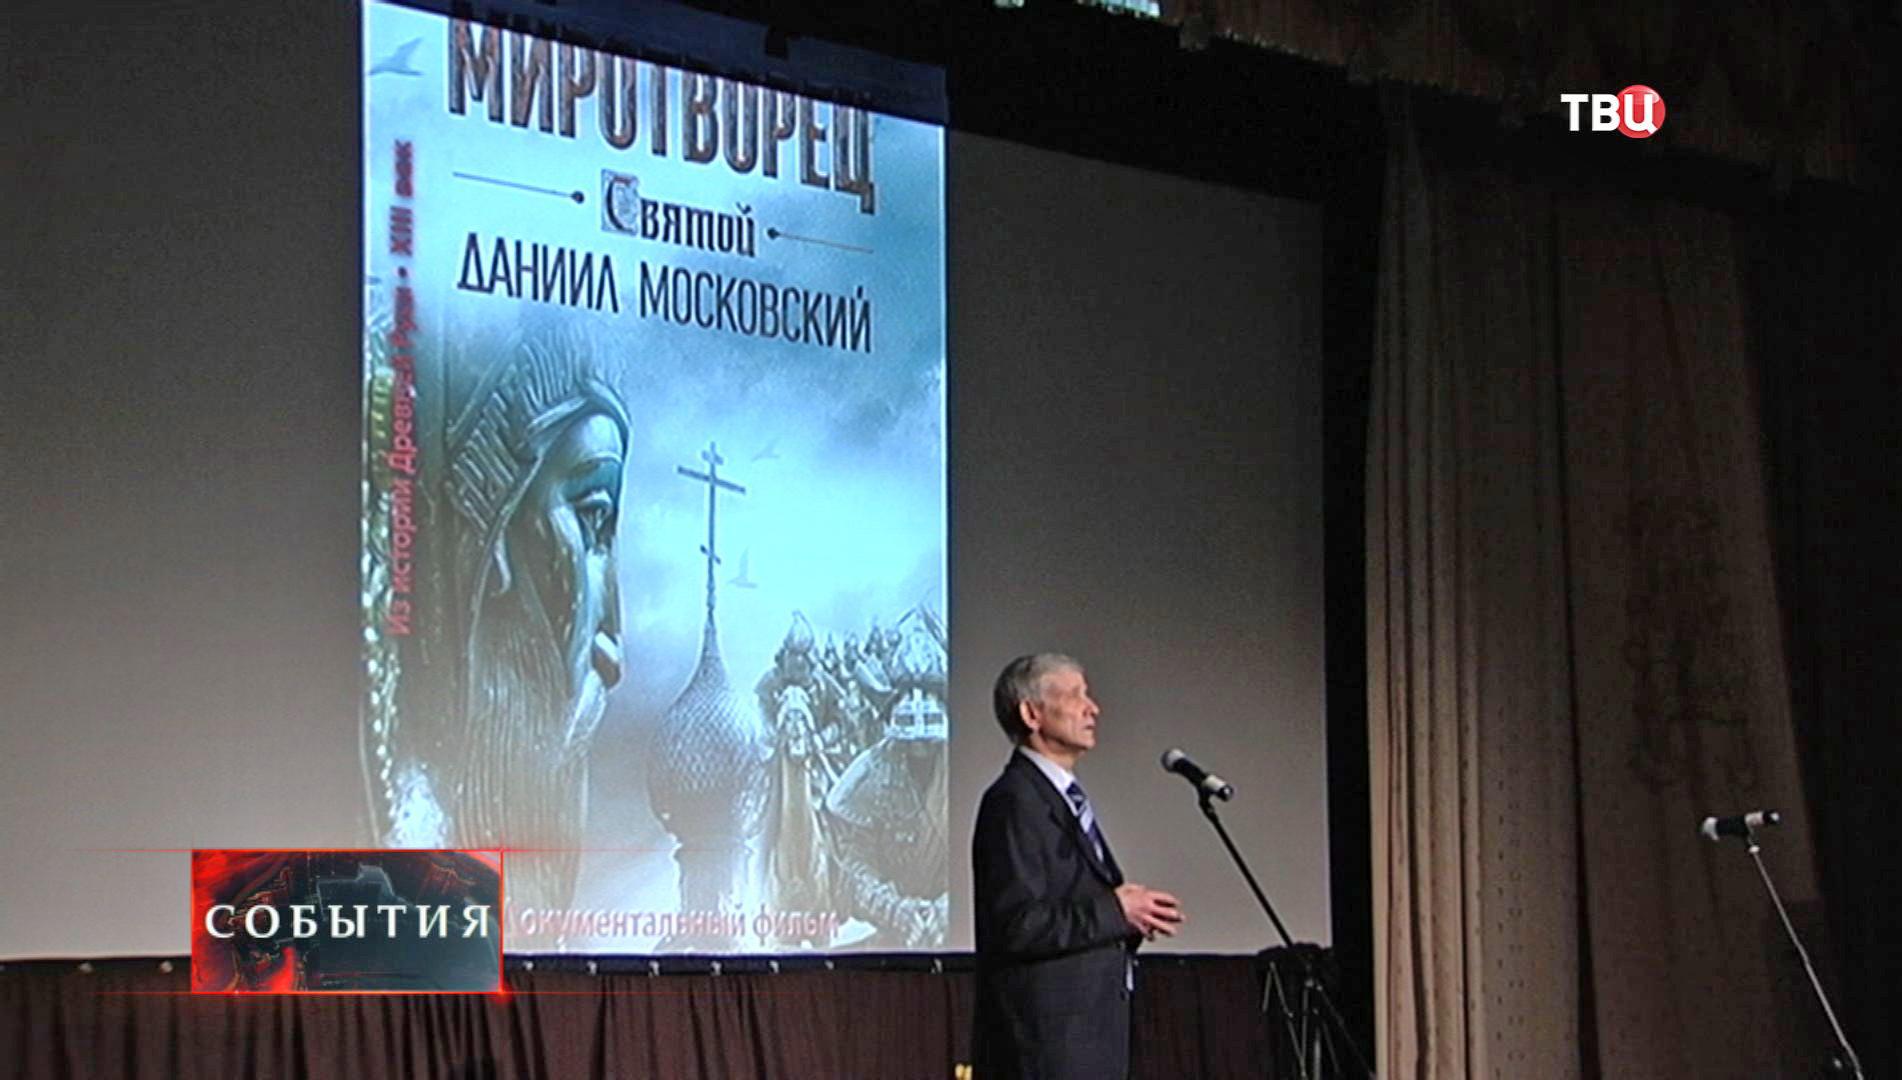 Презентация фильма о жизни святого Даниила Московского